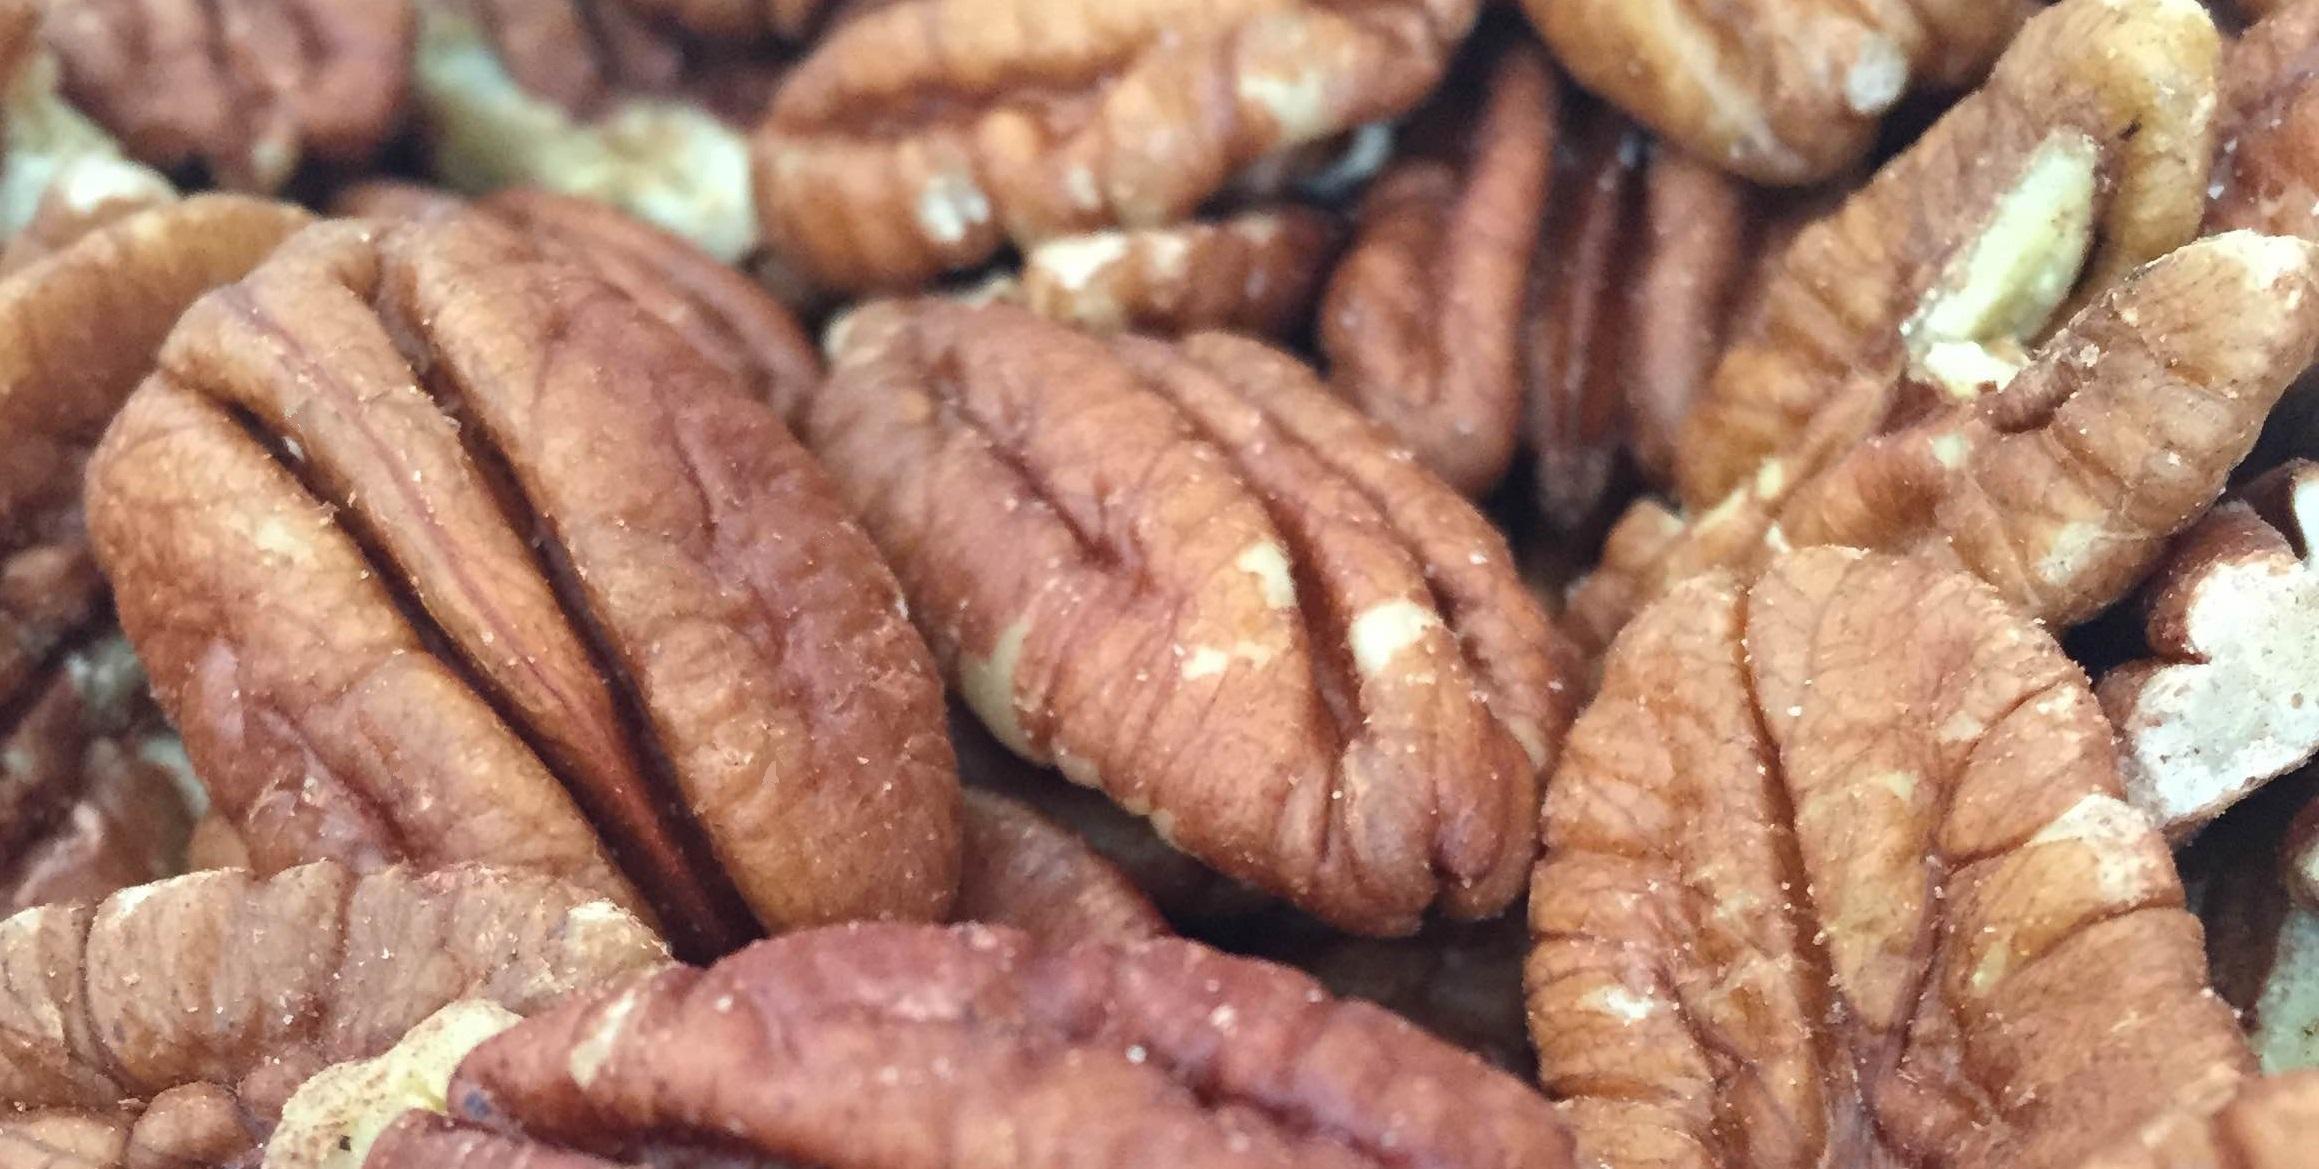 ペカンナッツが食べたい!おすすめの通販サイトはコレだ!